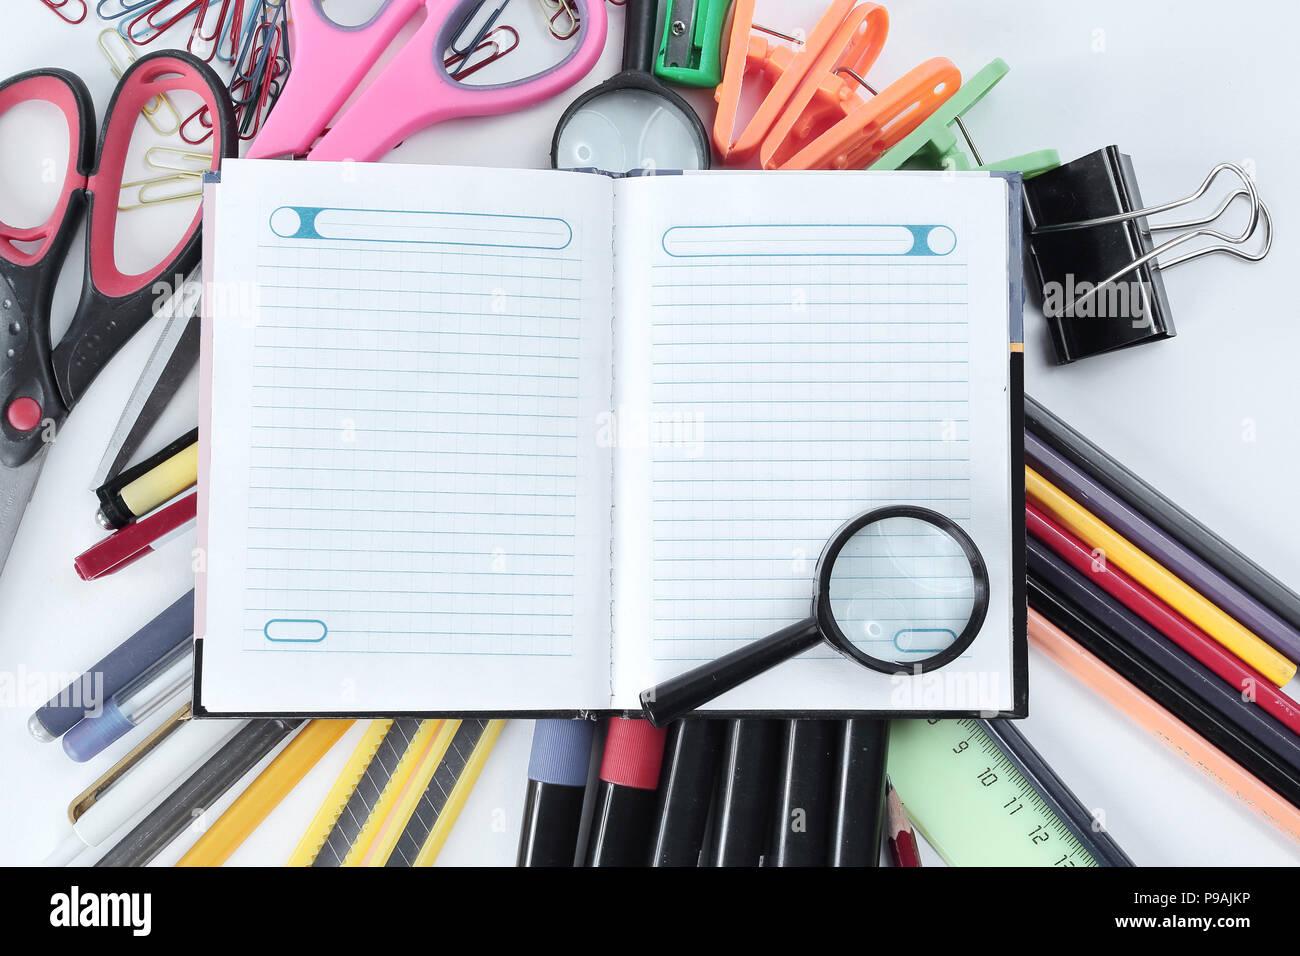 Forniture Per Ufficio : Magnifier giorno planner e forniture per ufficio su sfondo bianco